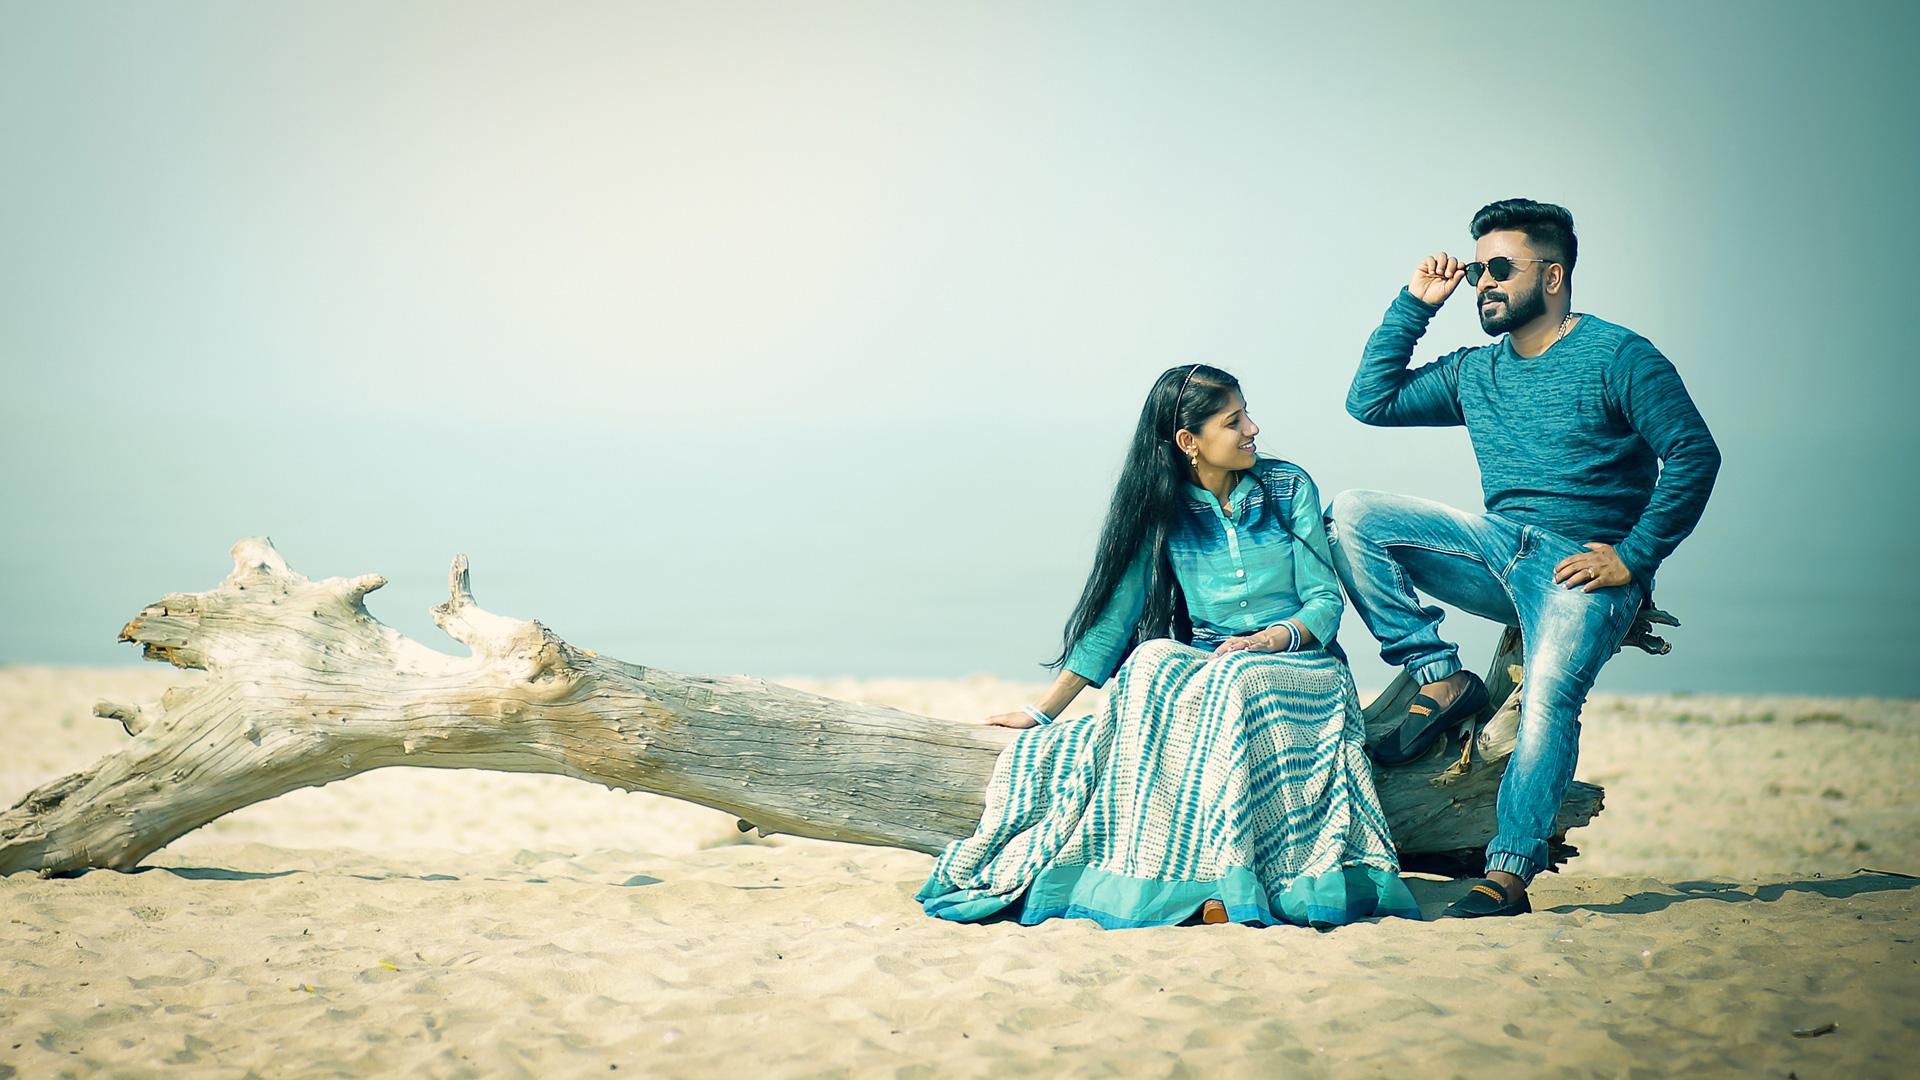 Couples in desert